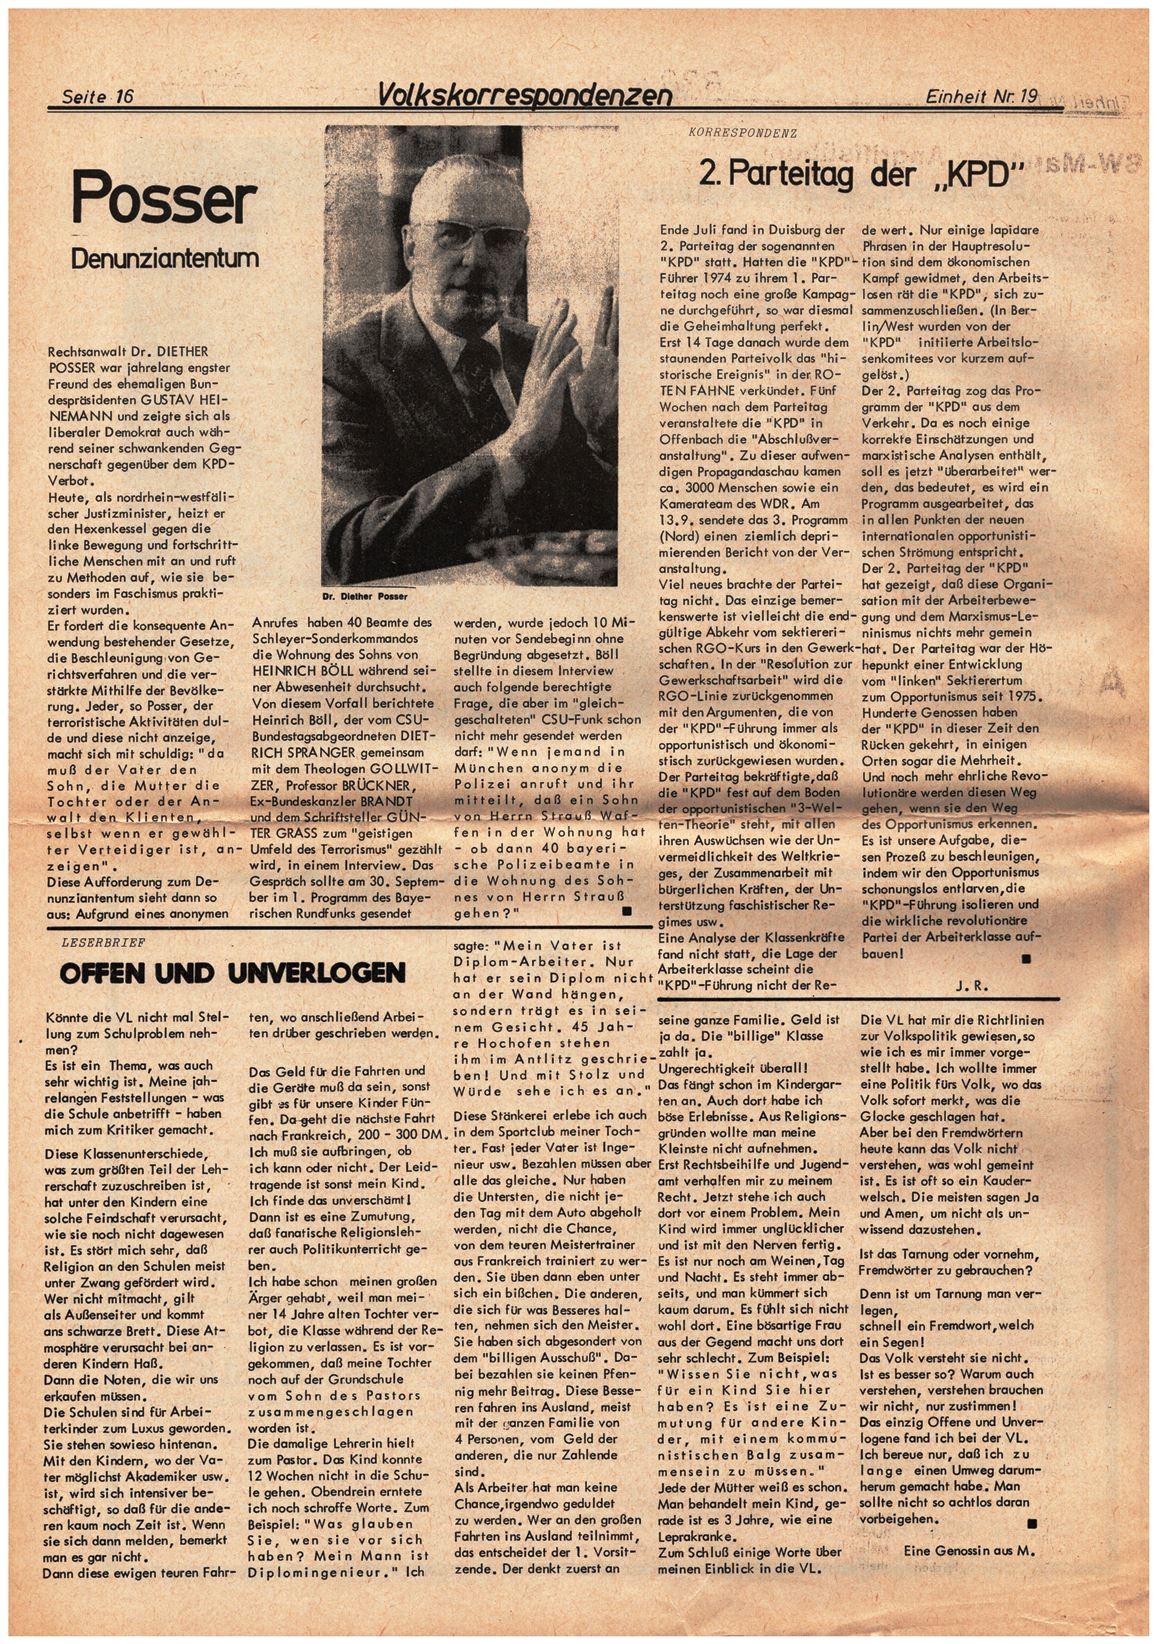 Koeln_IPdA_Einheit_1977_019_016